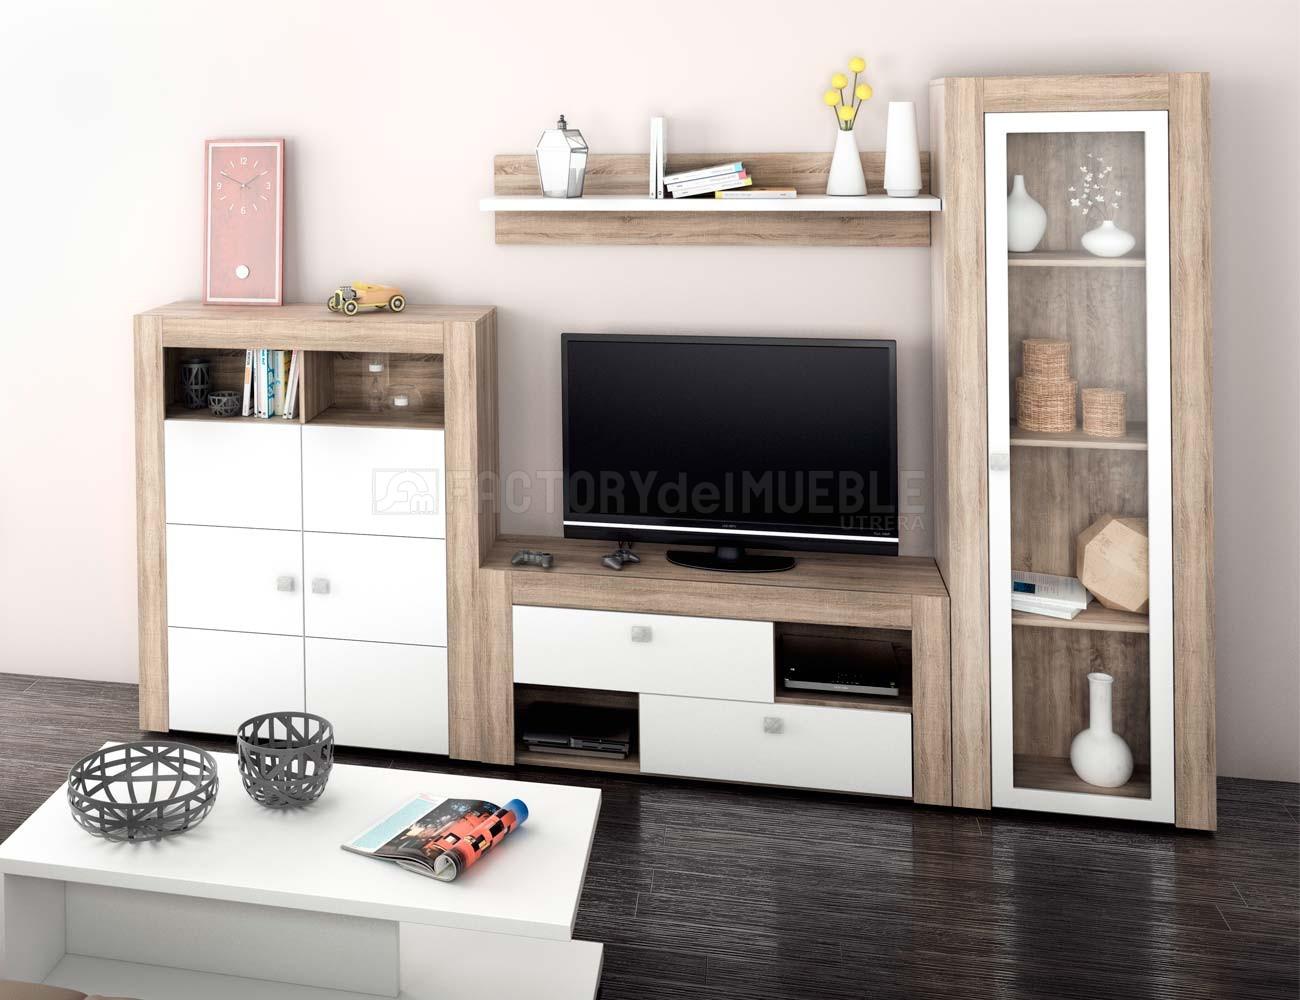 Mueble de sal n estilo moderno en cambrian con blanco for Tu factory del mueble